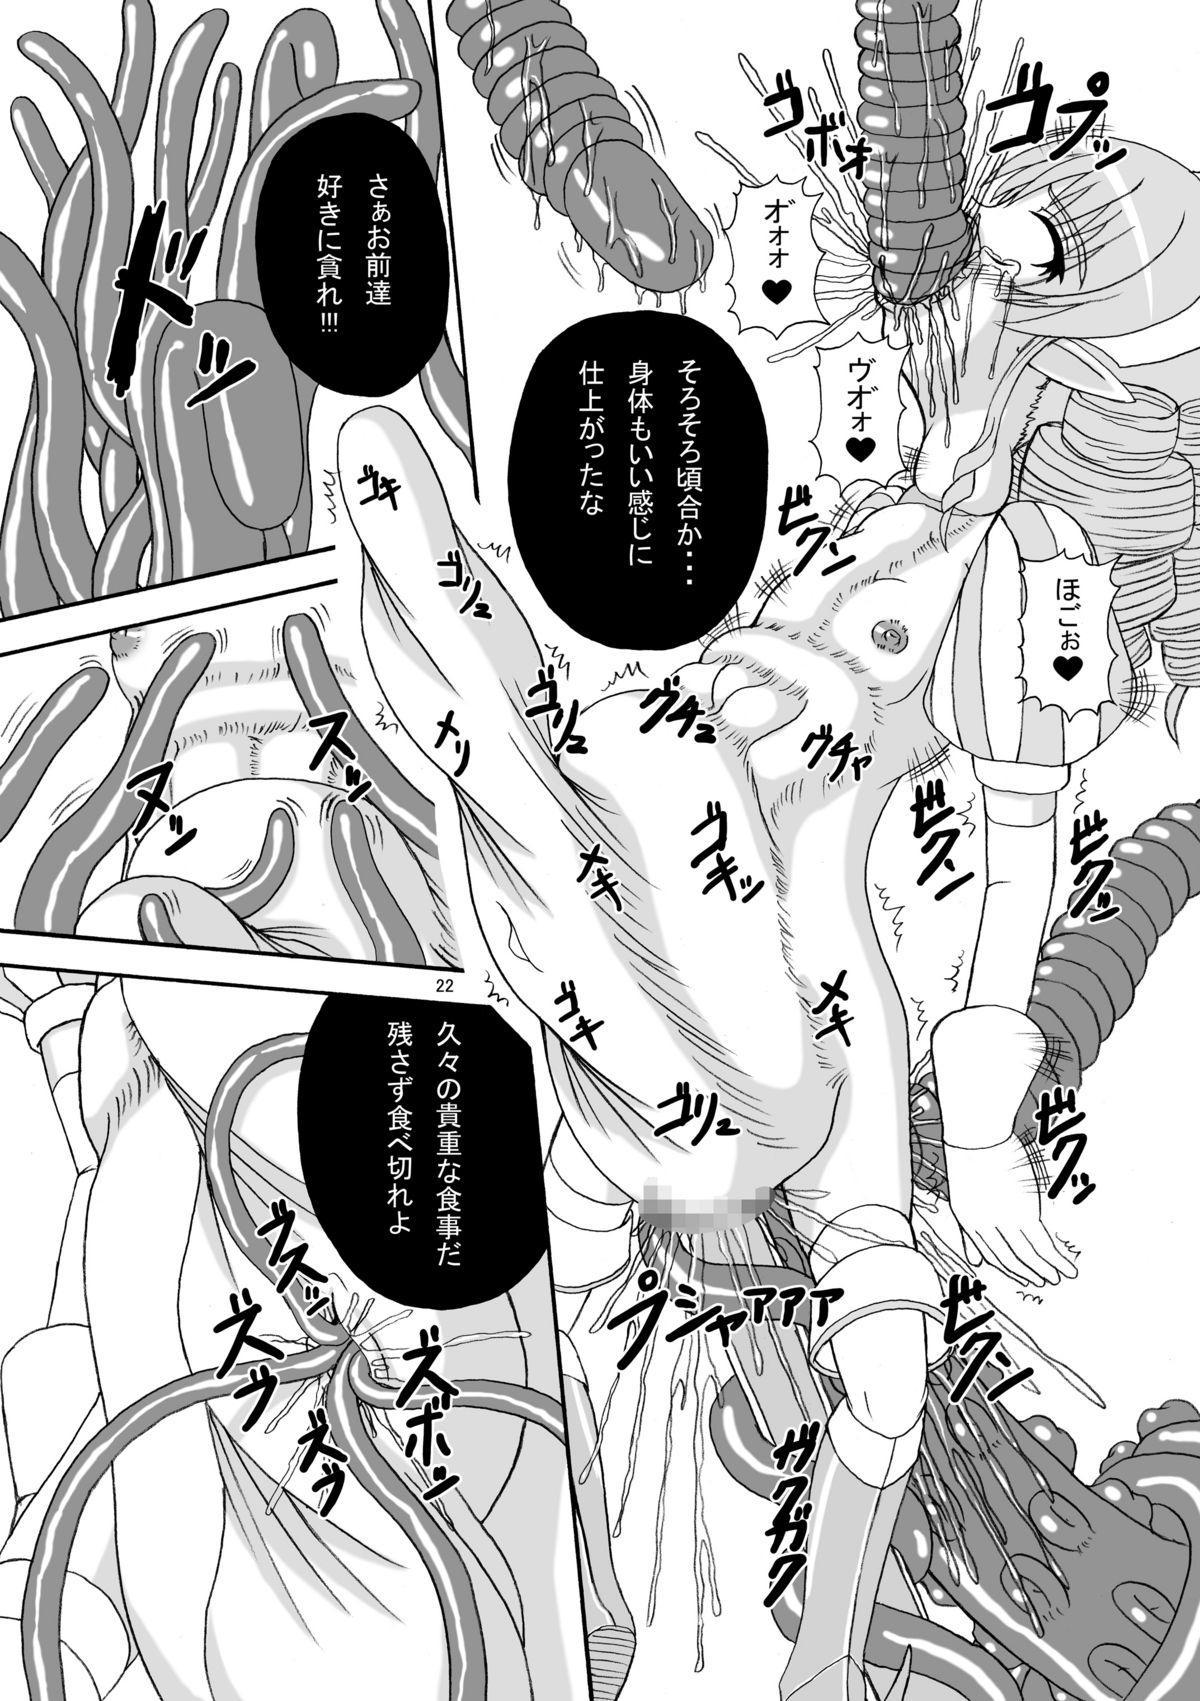 Hard Core Blade Ma Sawa Zenshin Kan 20